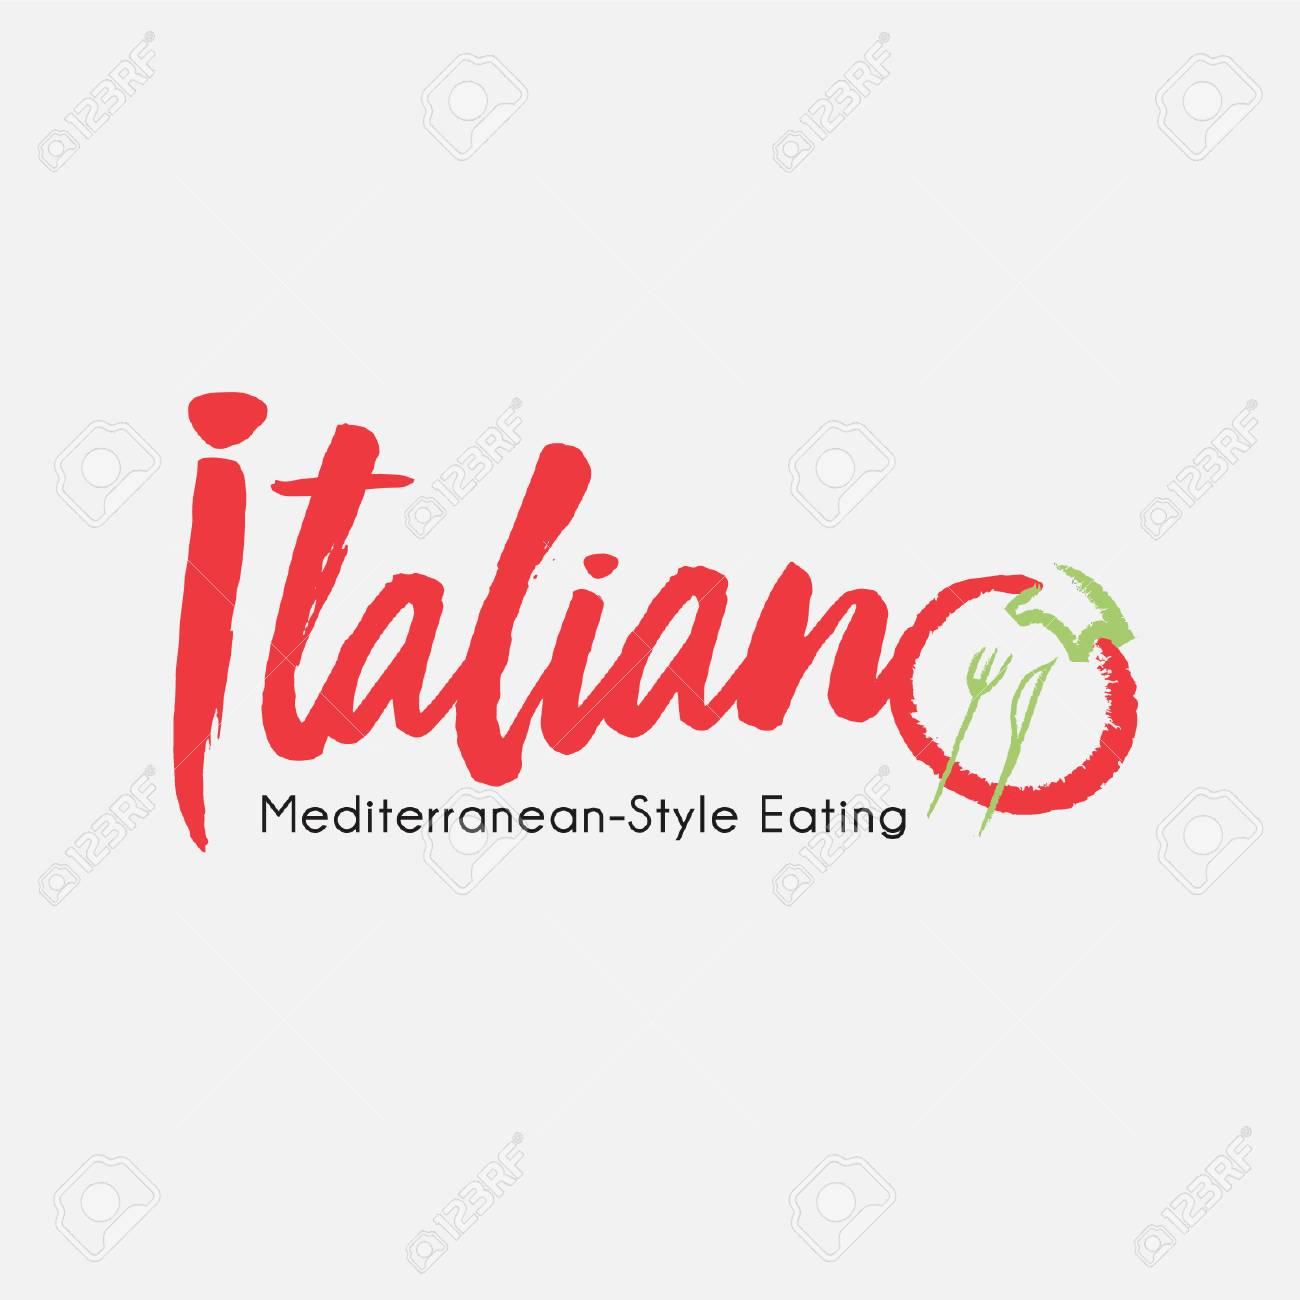 Italian Restaurant Cuisine Lifestyle Logo Ilustracion Tomate Basil Red Green Ilustraciones Vectoriales Clip Art Vectorizado Libre De Derechos Image 86735941